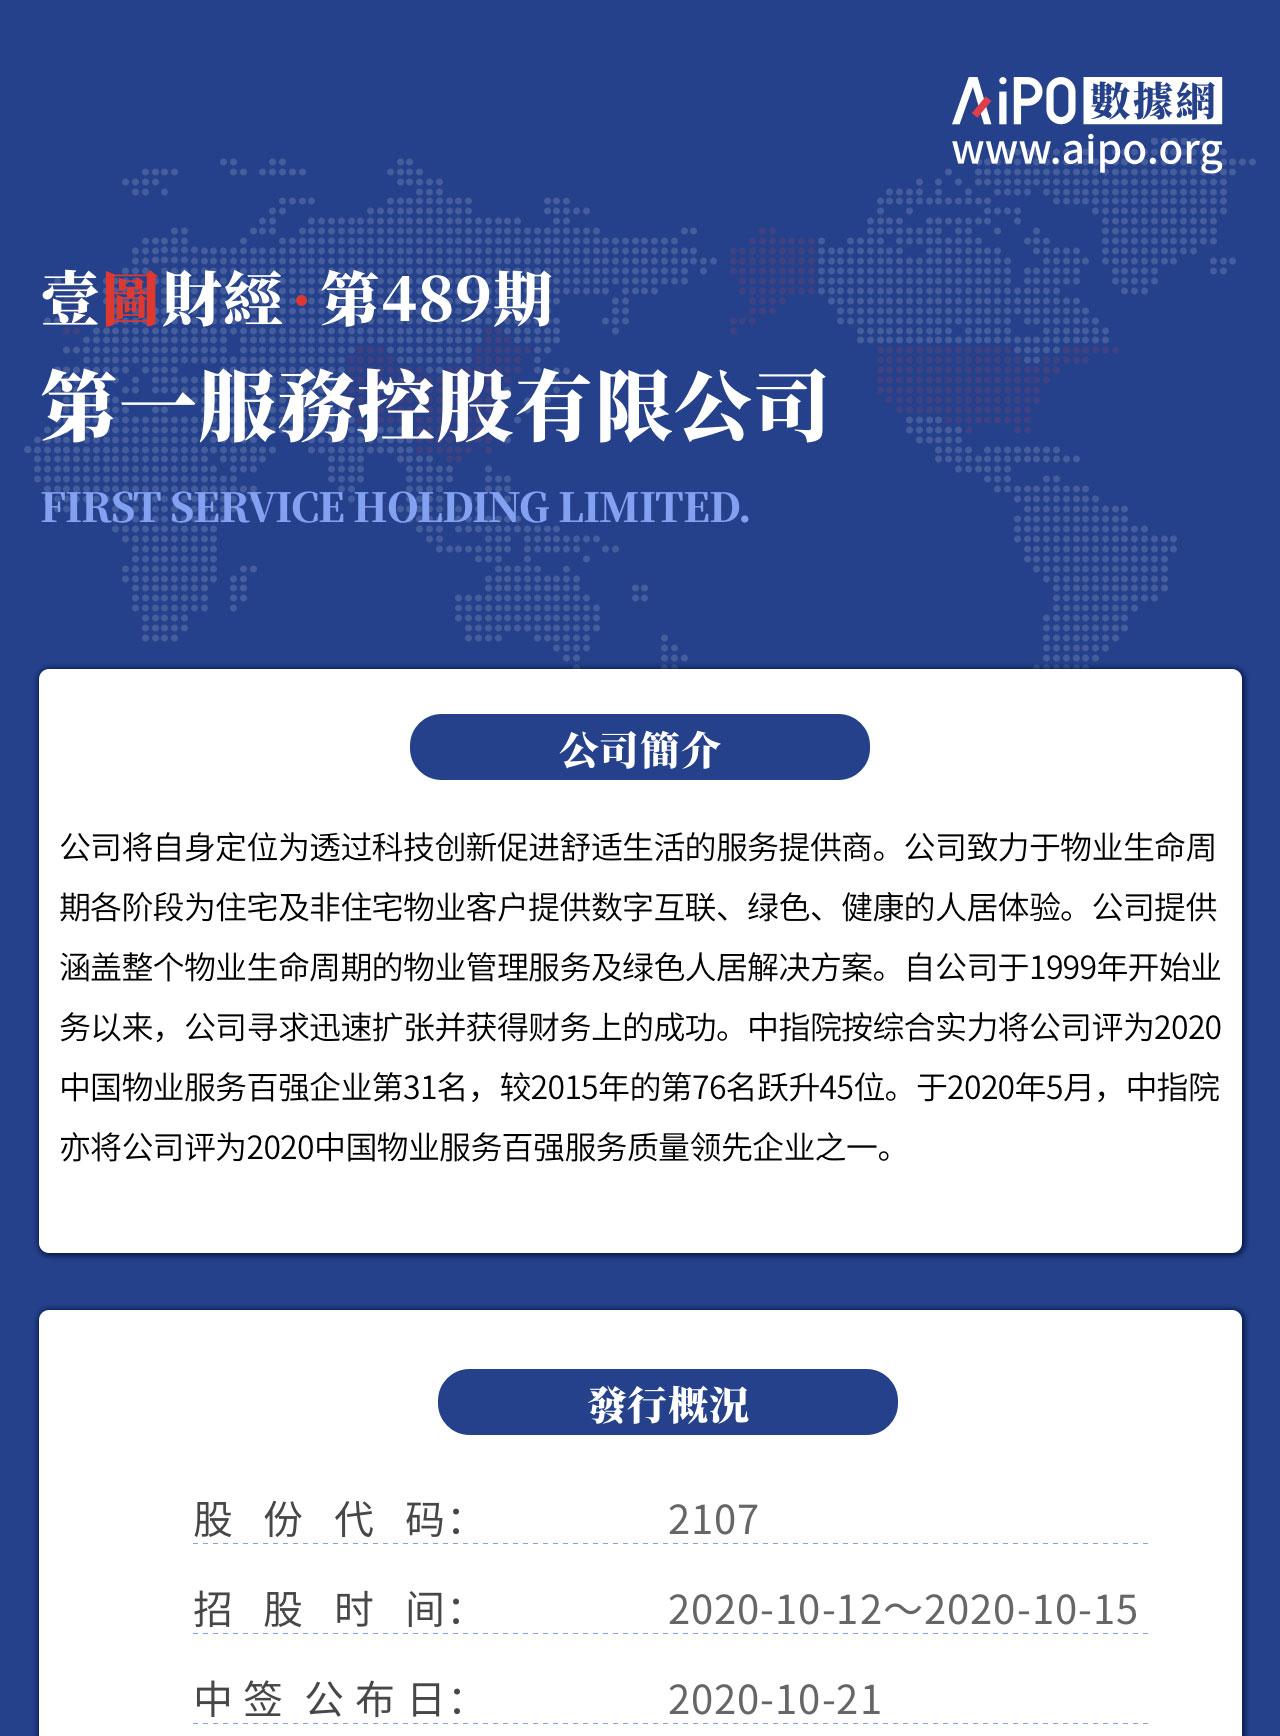 489期-2107第一服務控股_01.jpg